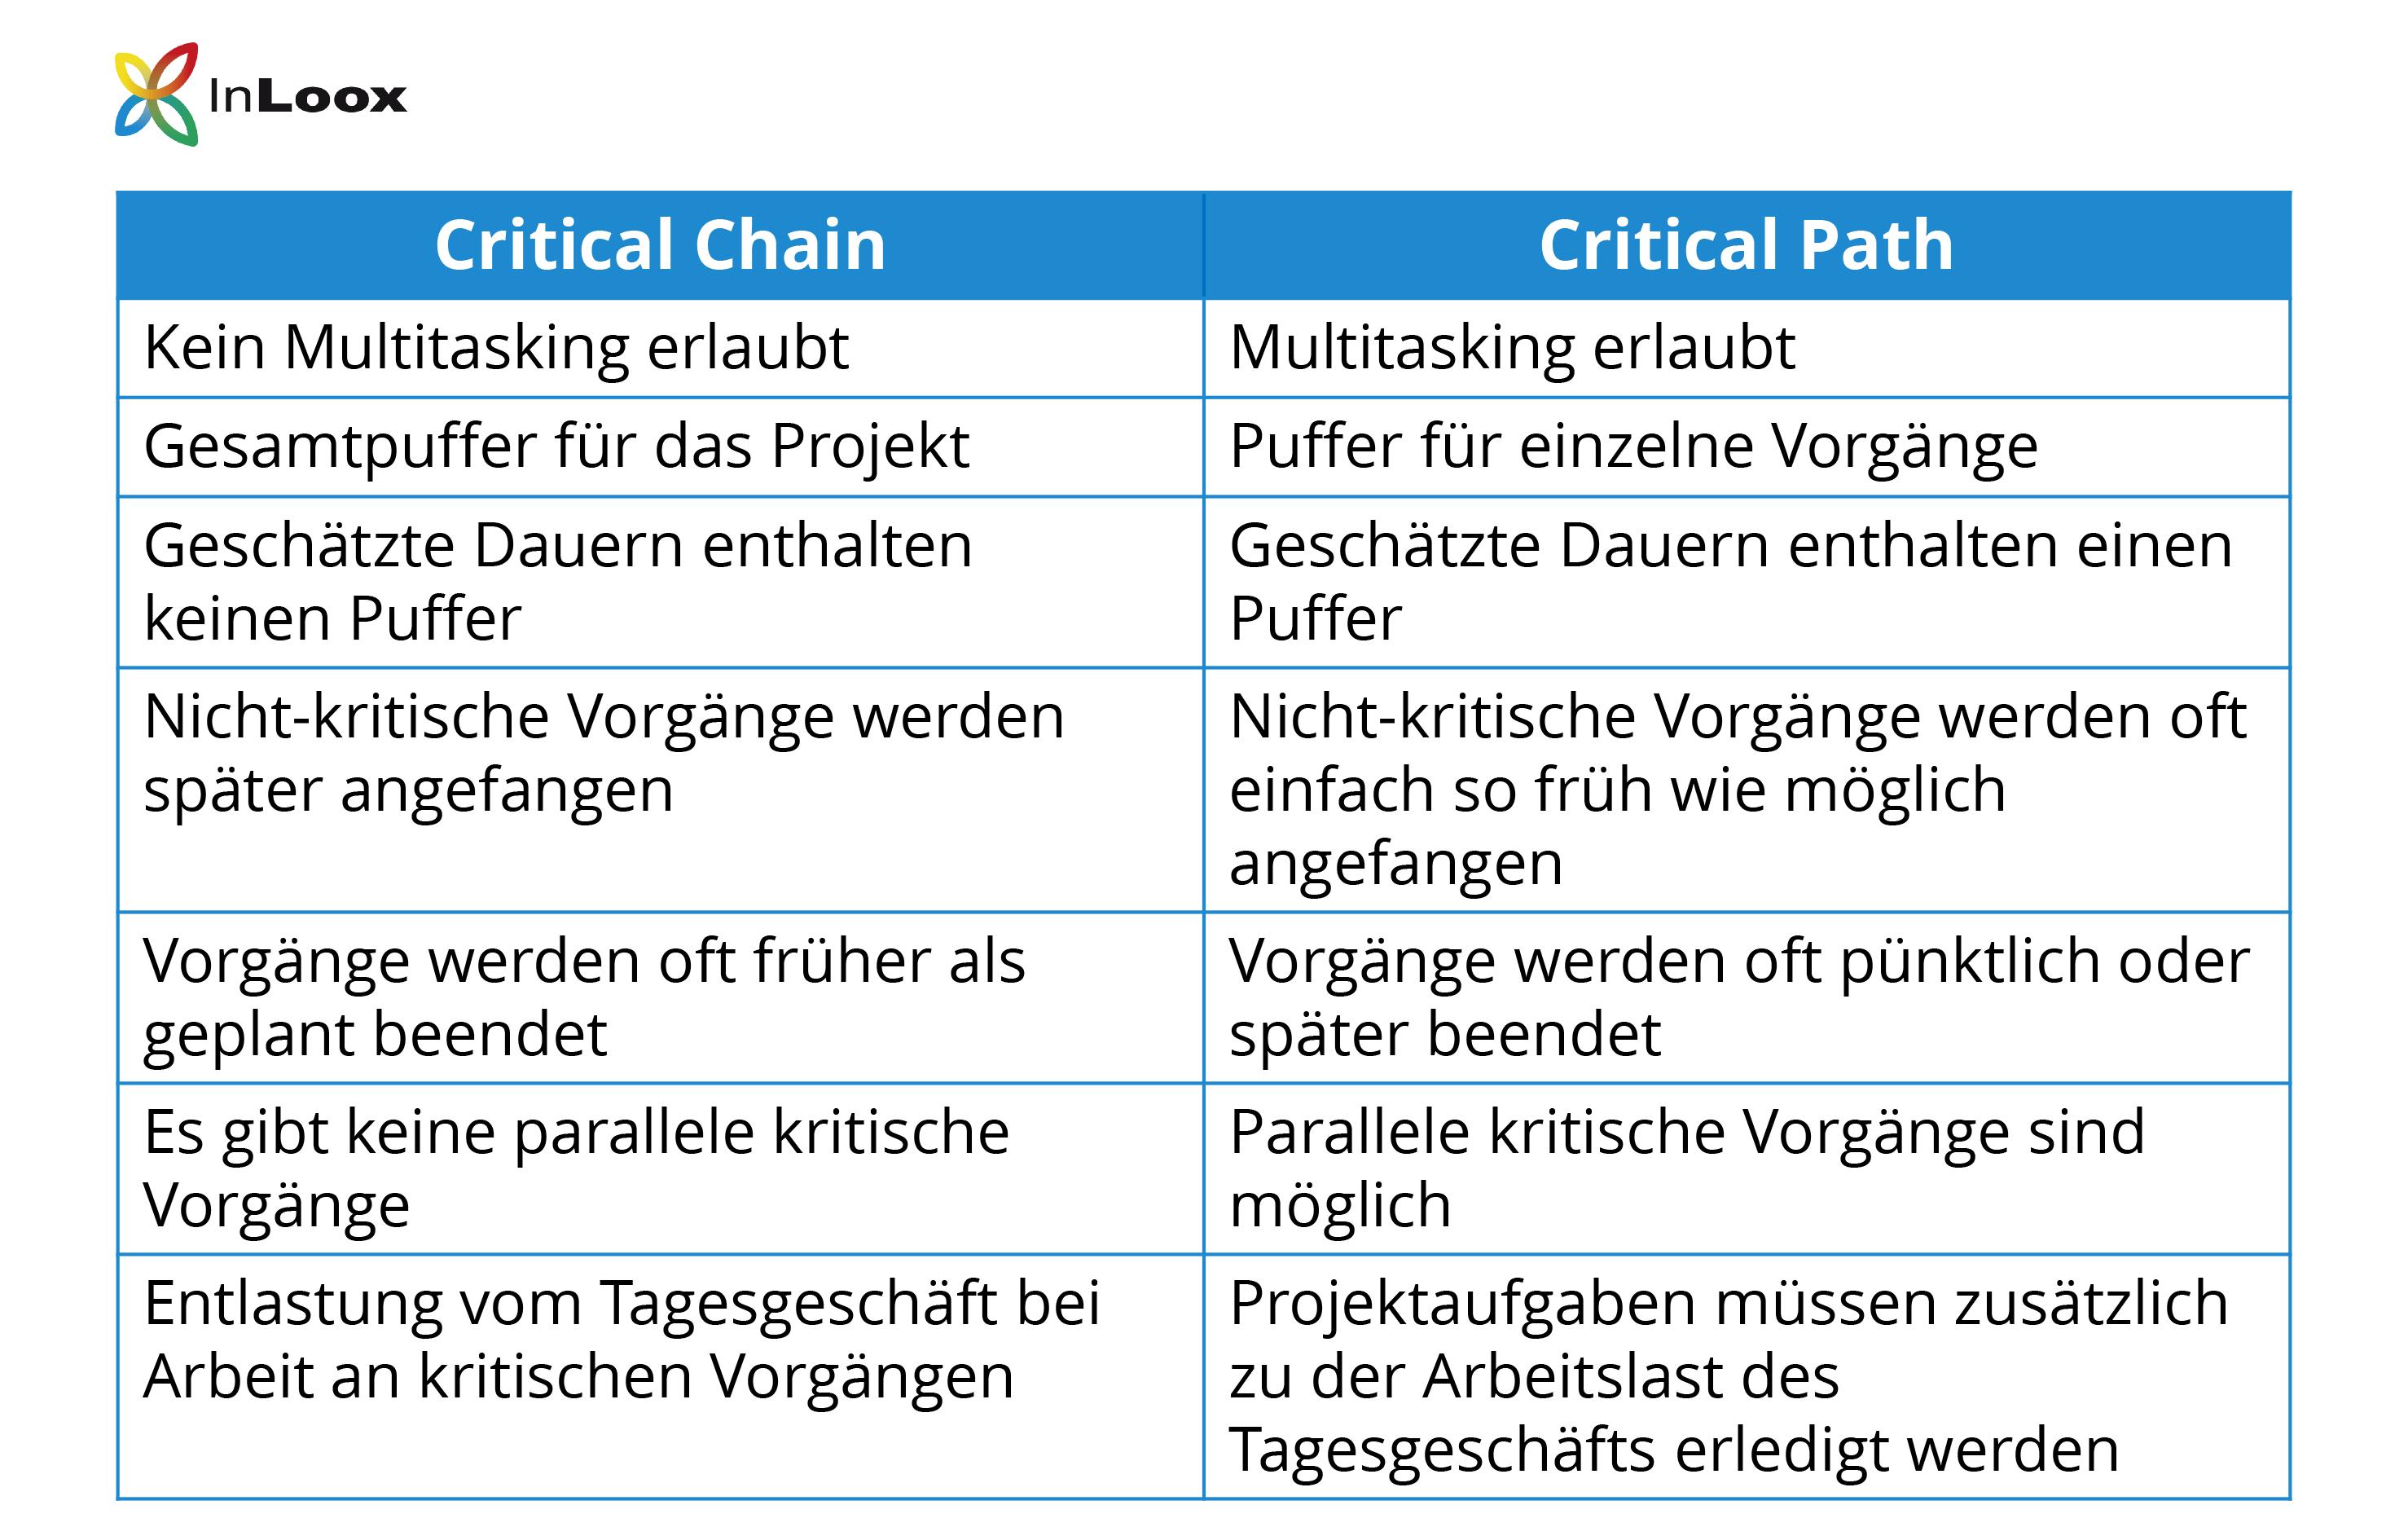 Vergleichstabelle: Vergleich zwischen Critical Chain und Critical Path - So unterscheiden sich die beiden Projektmanagement-Methoden